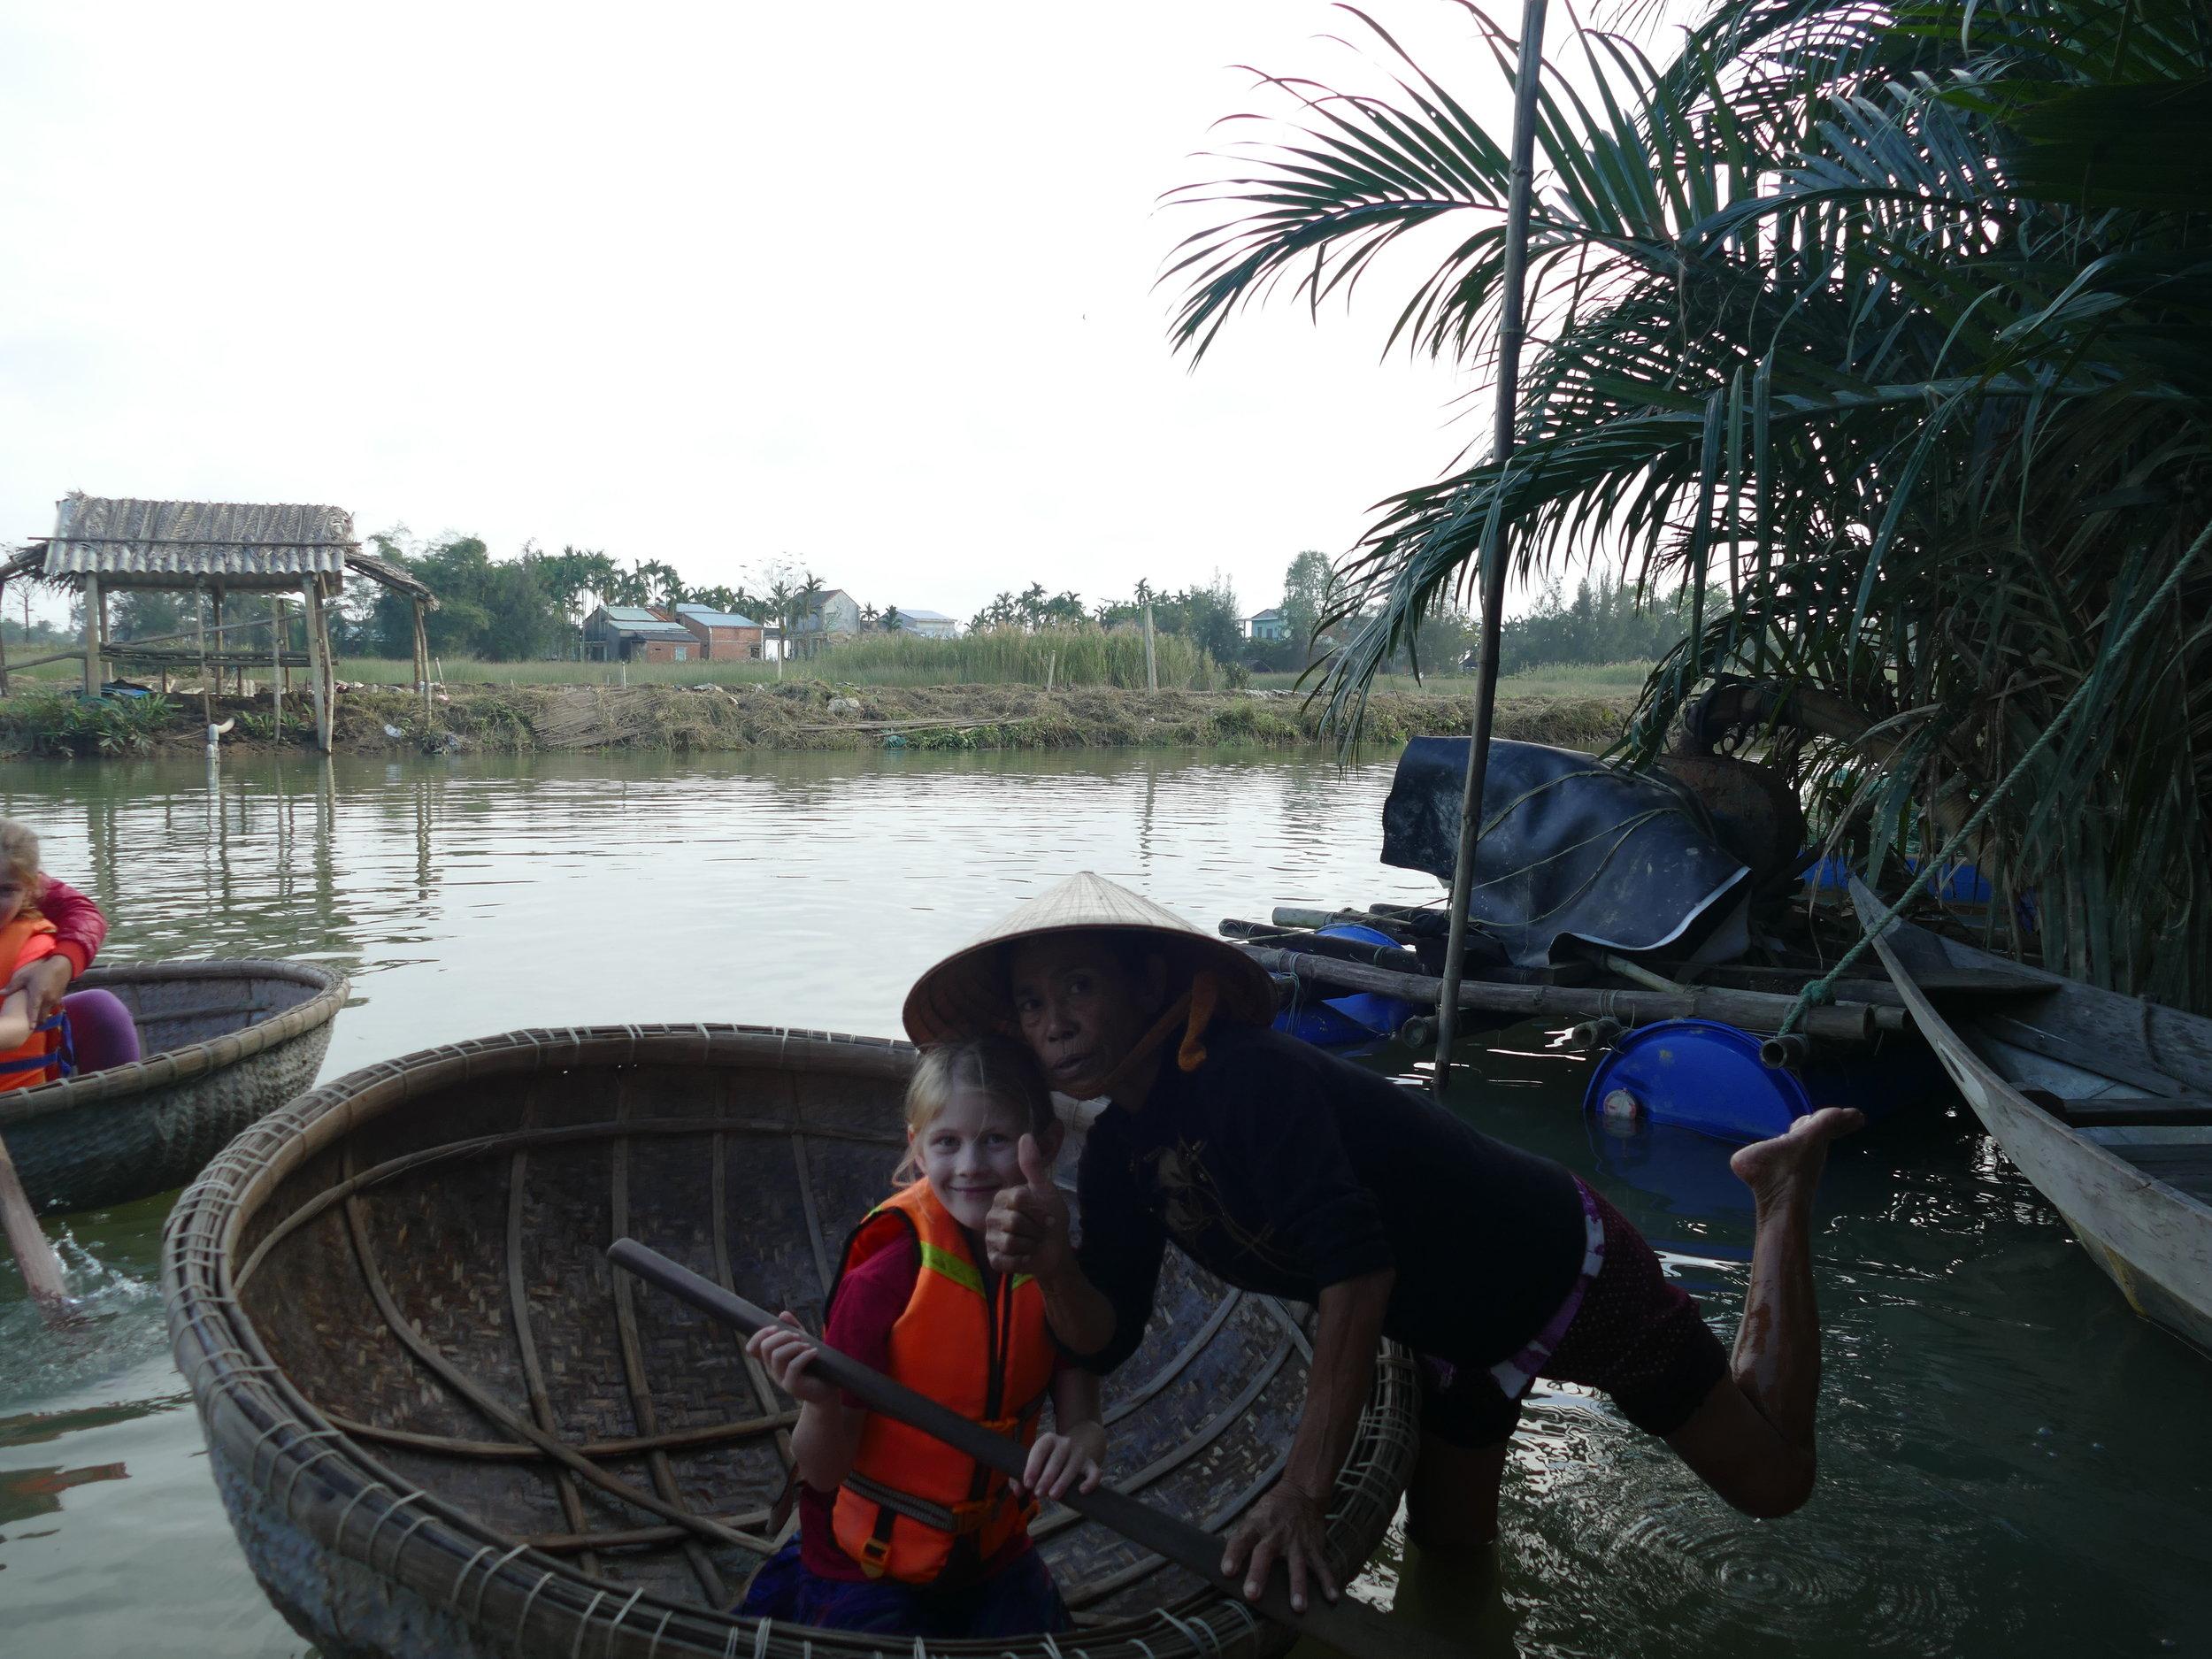 On apprend à pagayer avec ce petit bateau fait à la main.